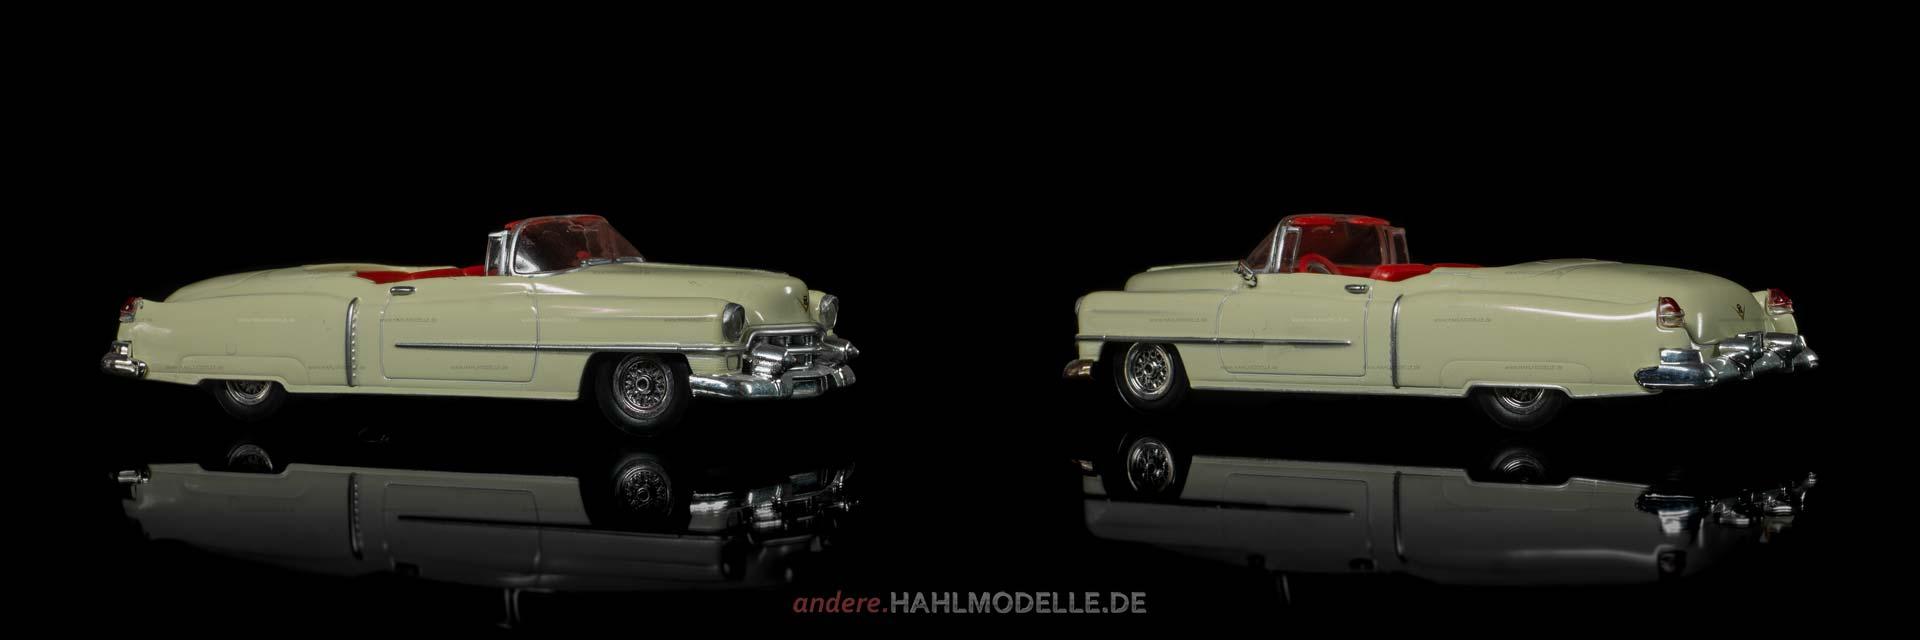 Cadillac Eldorado Convertible | Cabriolet | Ixo | 1:43 | www.andere.hahlmodelle.de